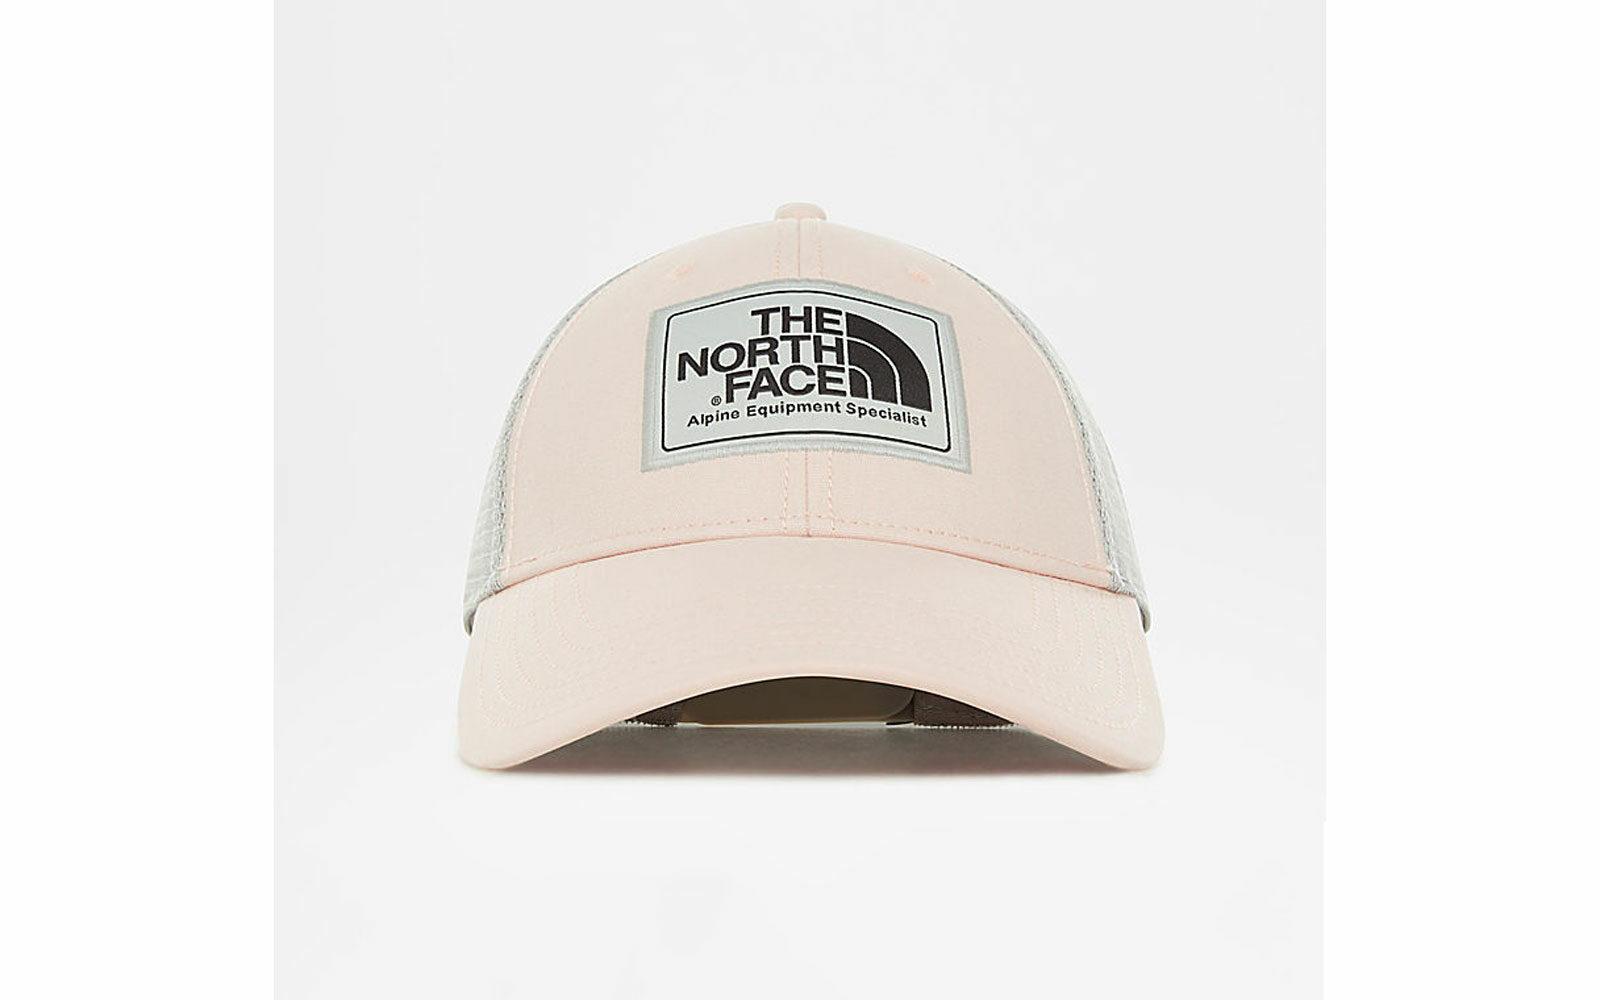 The north Mudder Trucker, cappellino in cotone con tessuto di rete nella parte laterale e posteriore, per la massima traspirabilità, euro 28